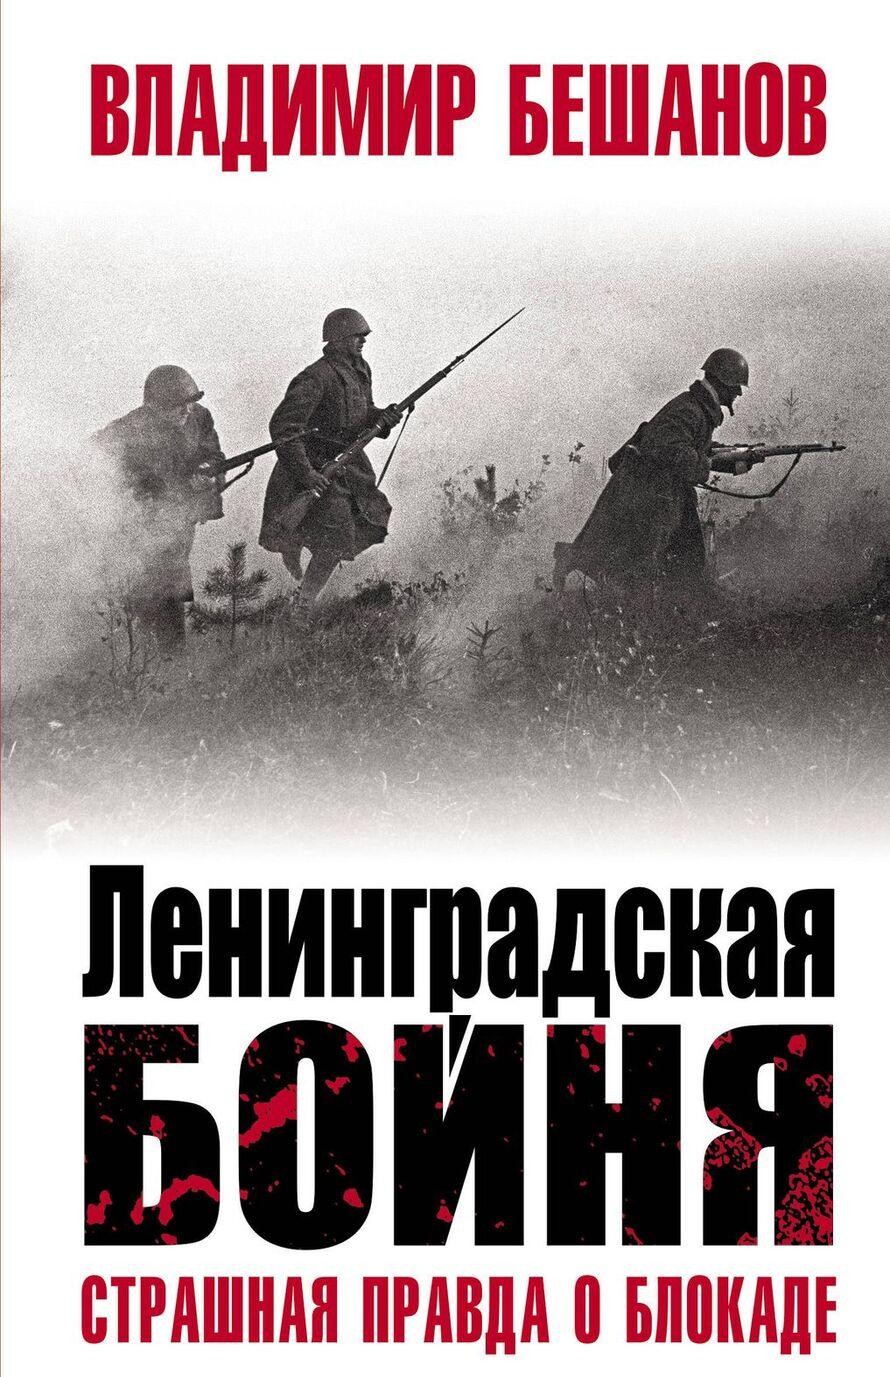 Leningradskaja bojnja | Beshanov Vladimir Vasilevich